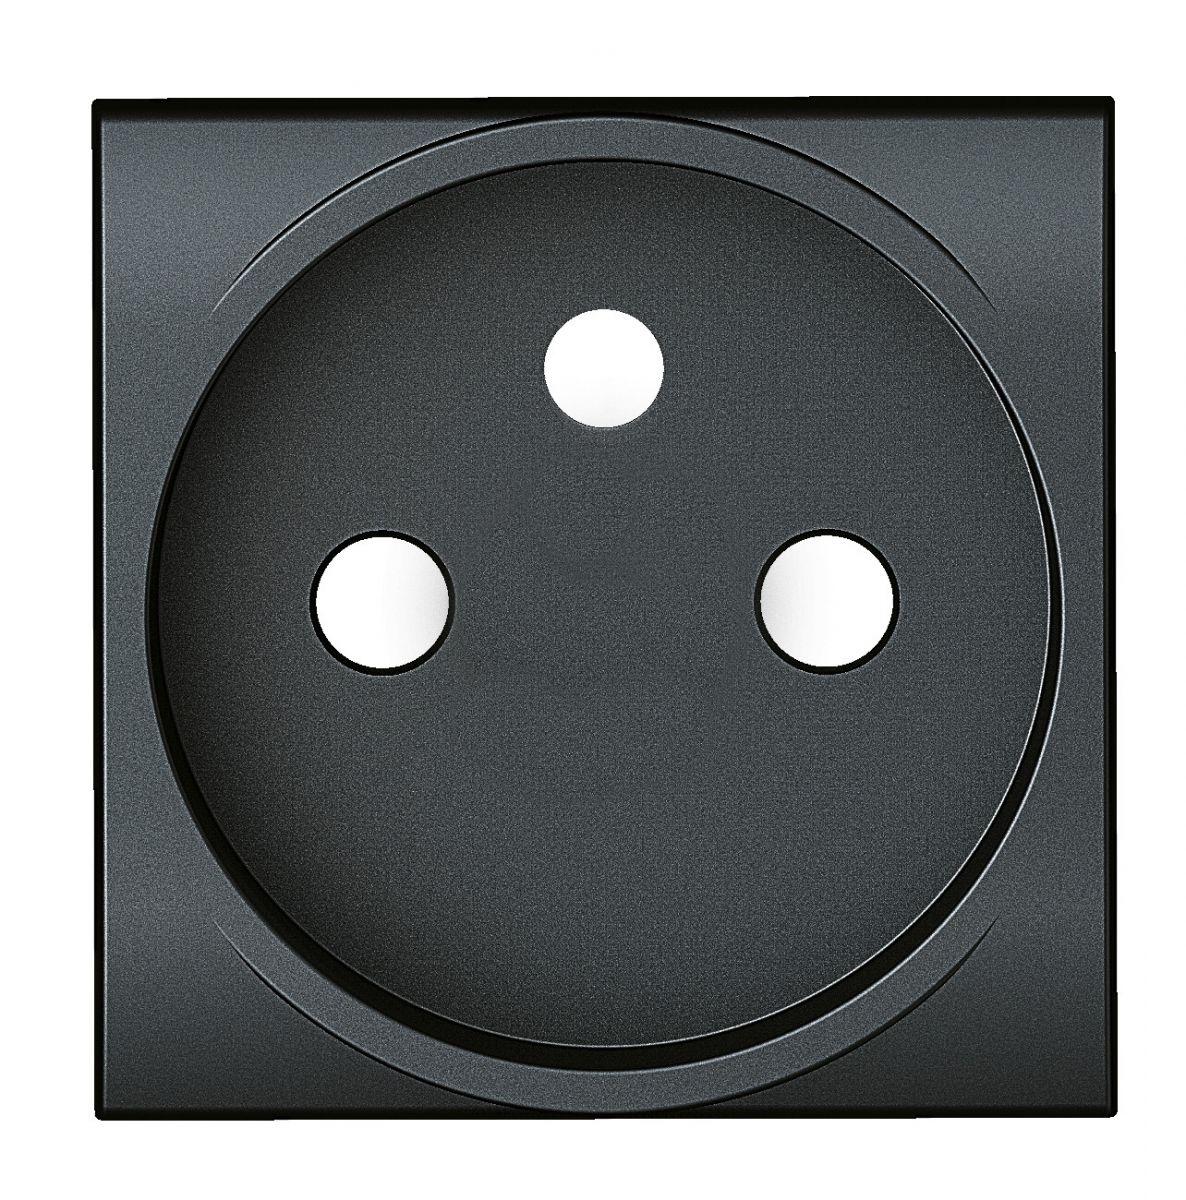 sierplaatje voor stopcontact (schroefloos plaatje), voor contactdoos 2P+A, clipsbaar antraciet